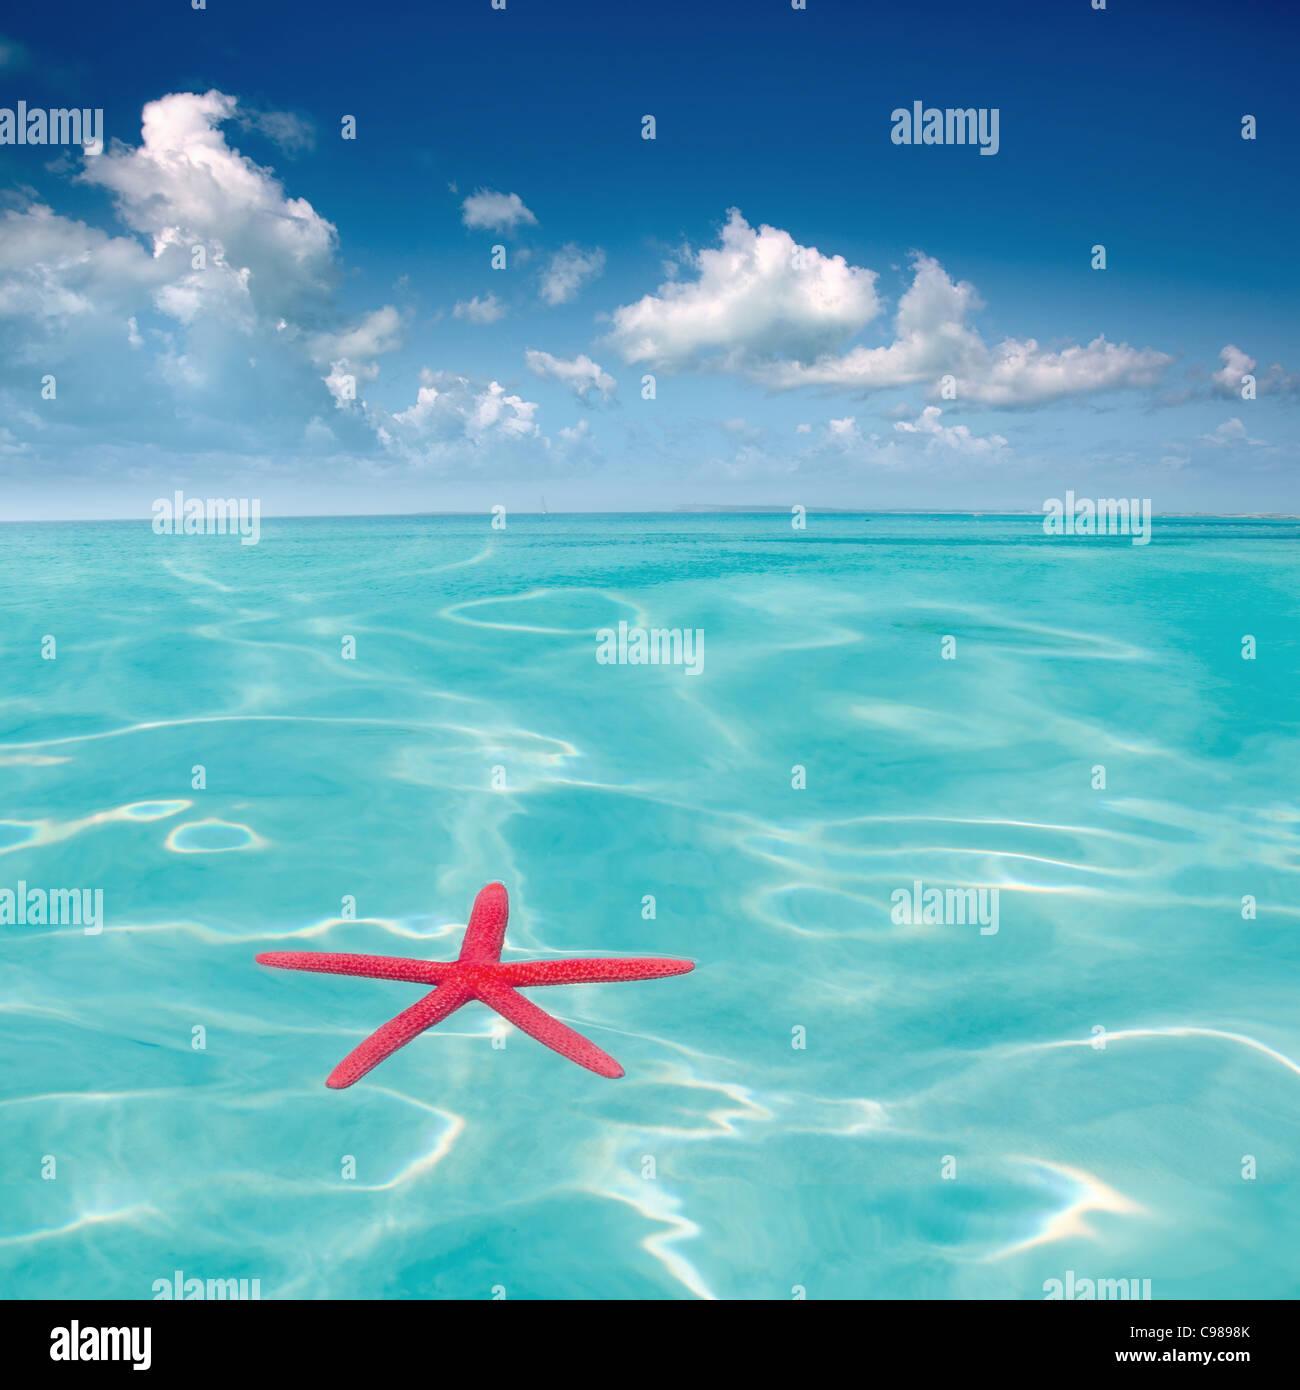 Karibik-Strand in perfekter Tag Stockbild